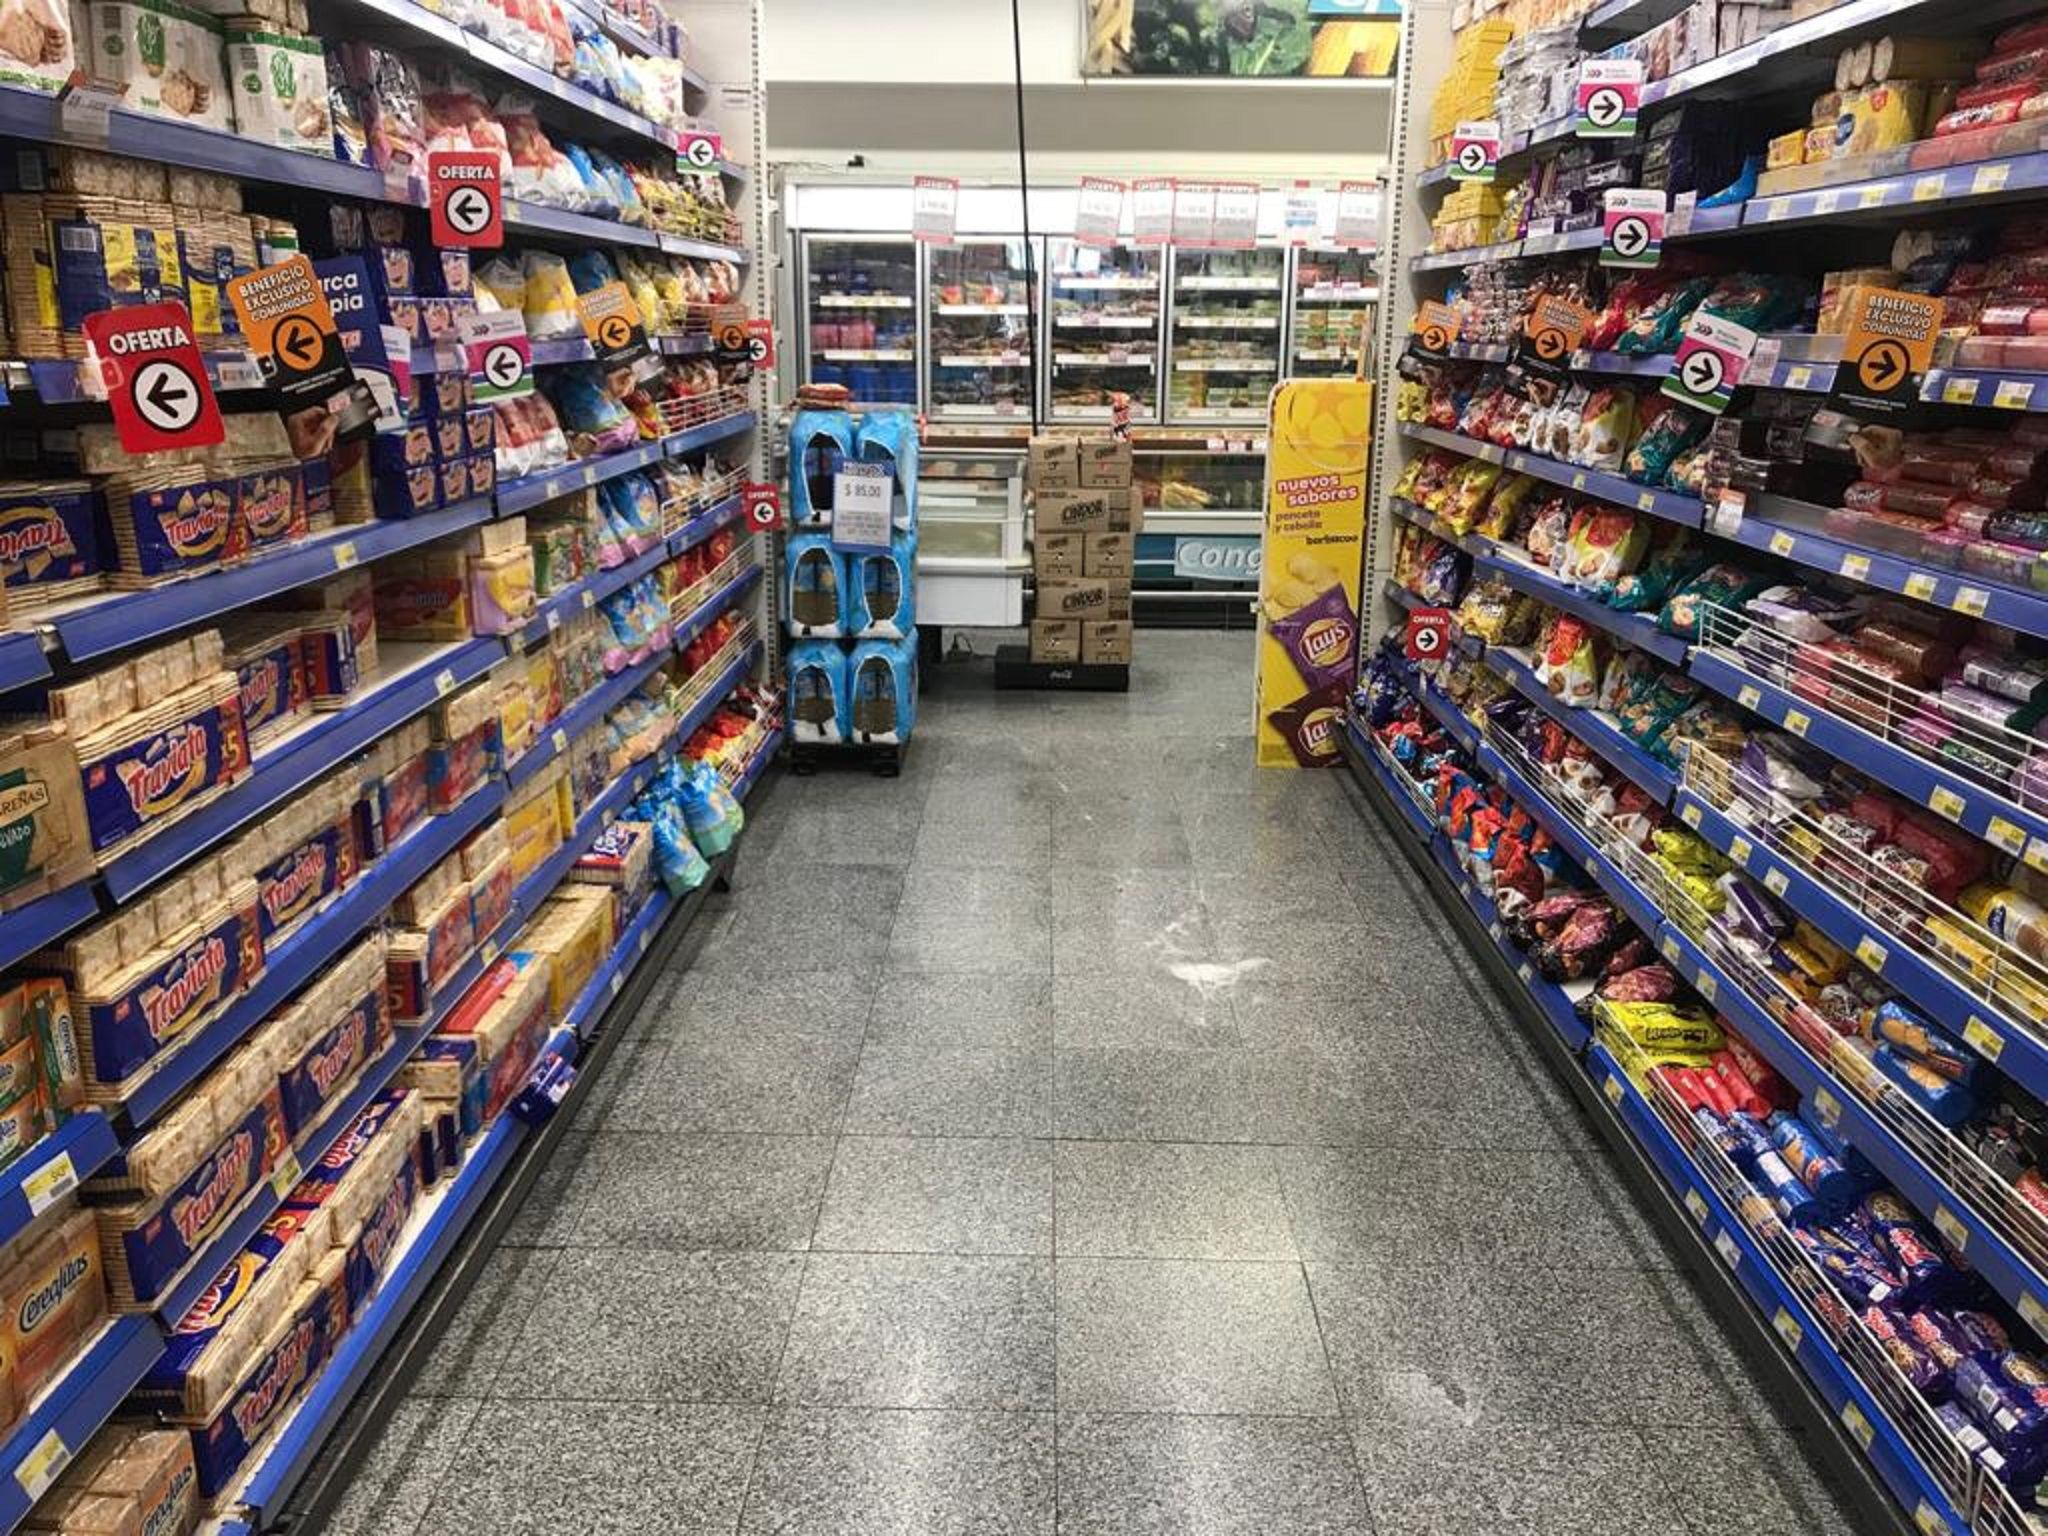 Productos Esenciales: los supermercados advierten que el lunes tampoco estarán todos los productos